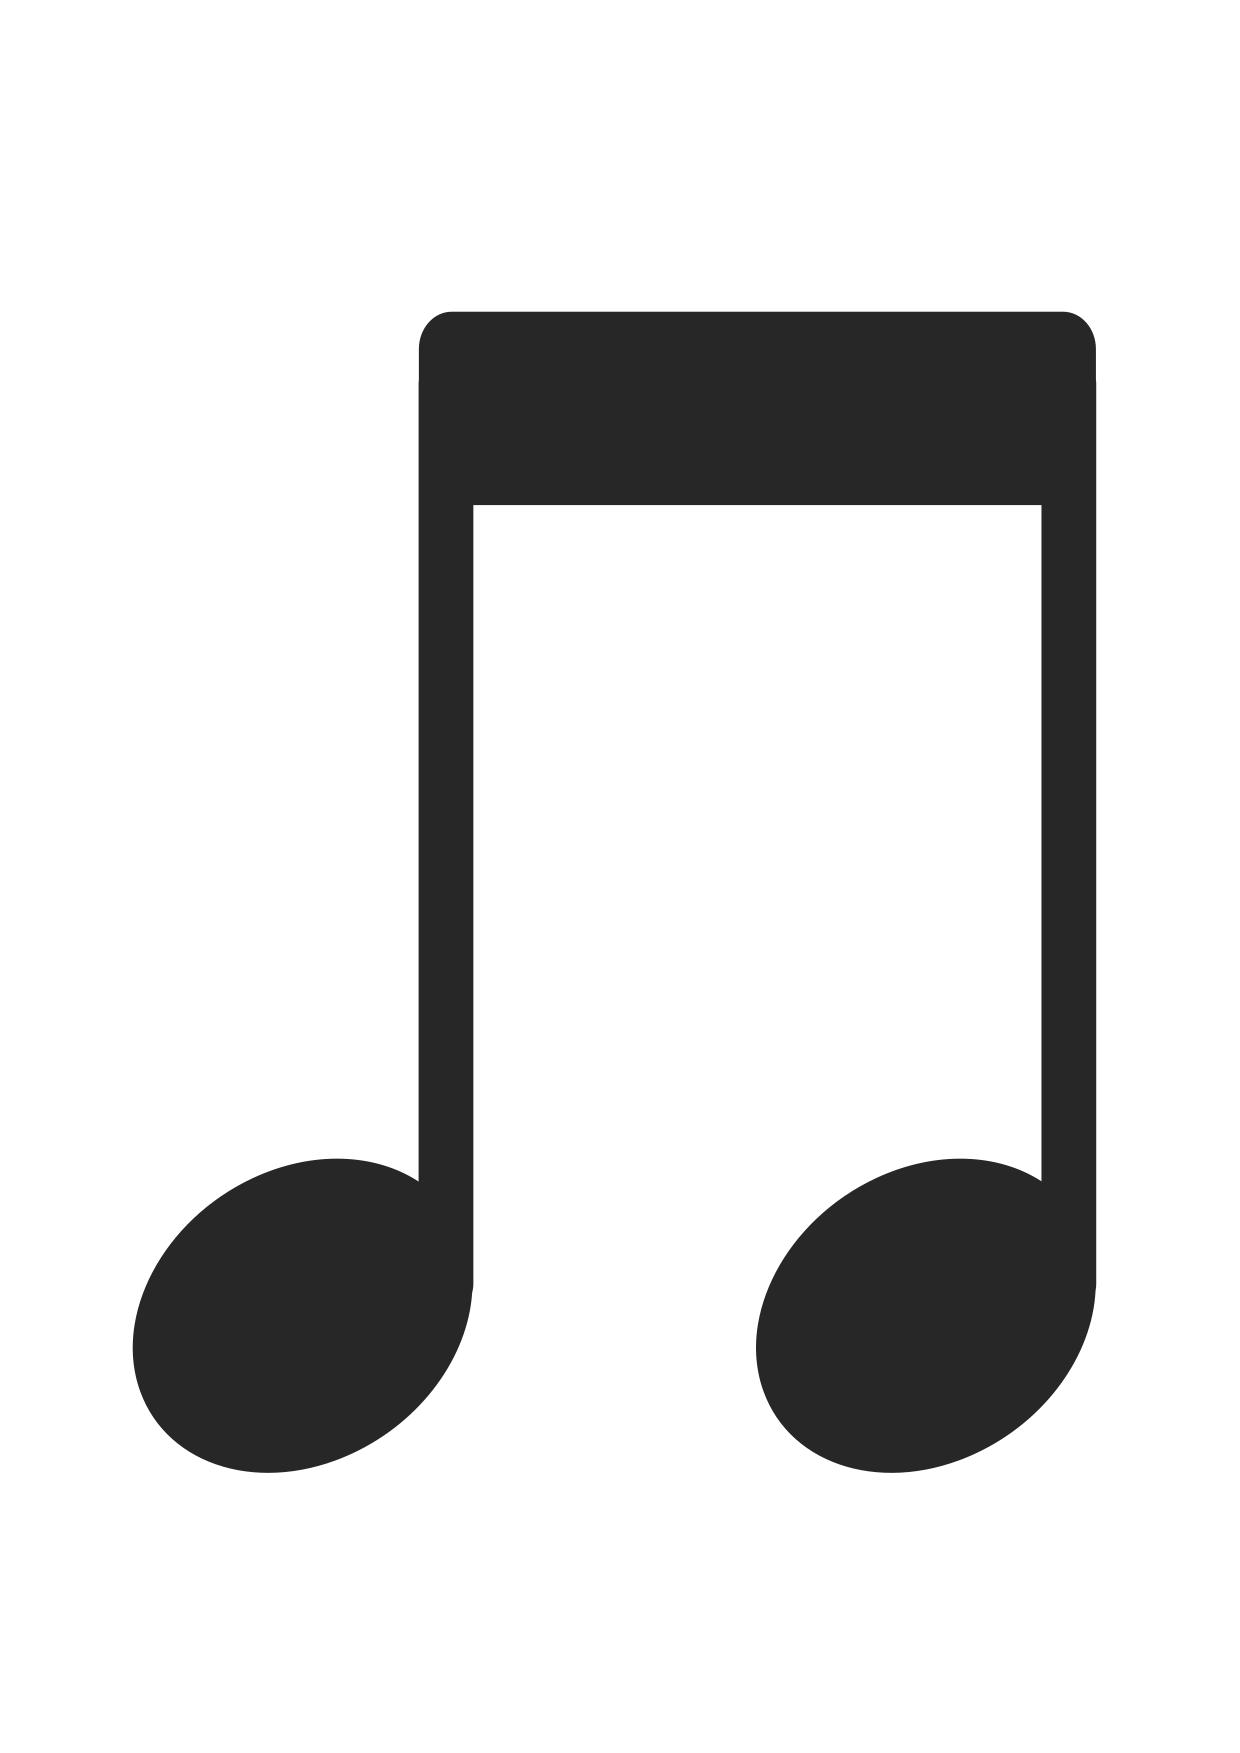 2 Croches Attaches En Musique En Pvc Lavable Peut Sut Jeux